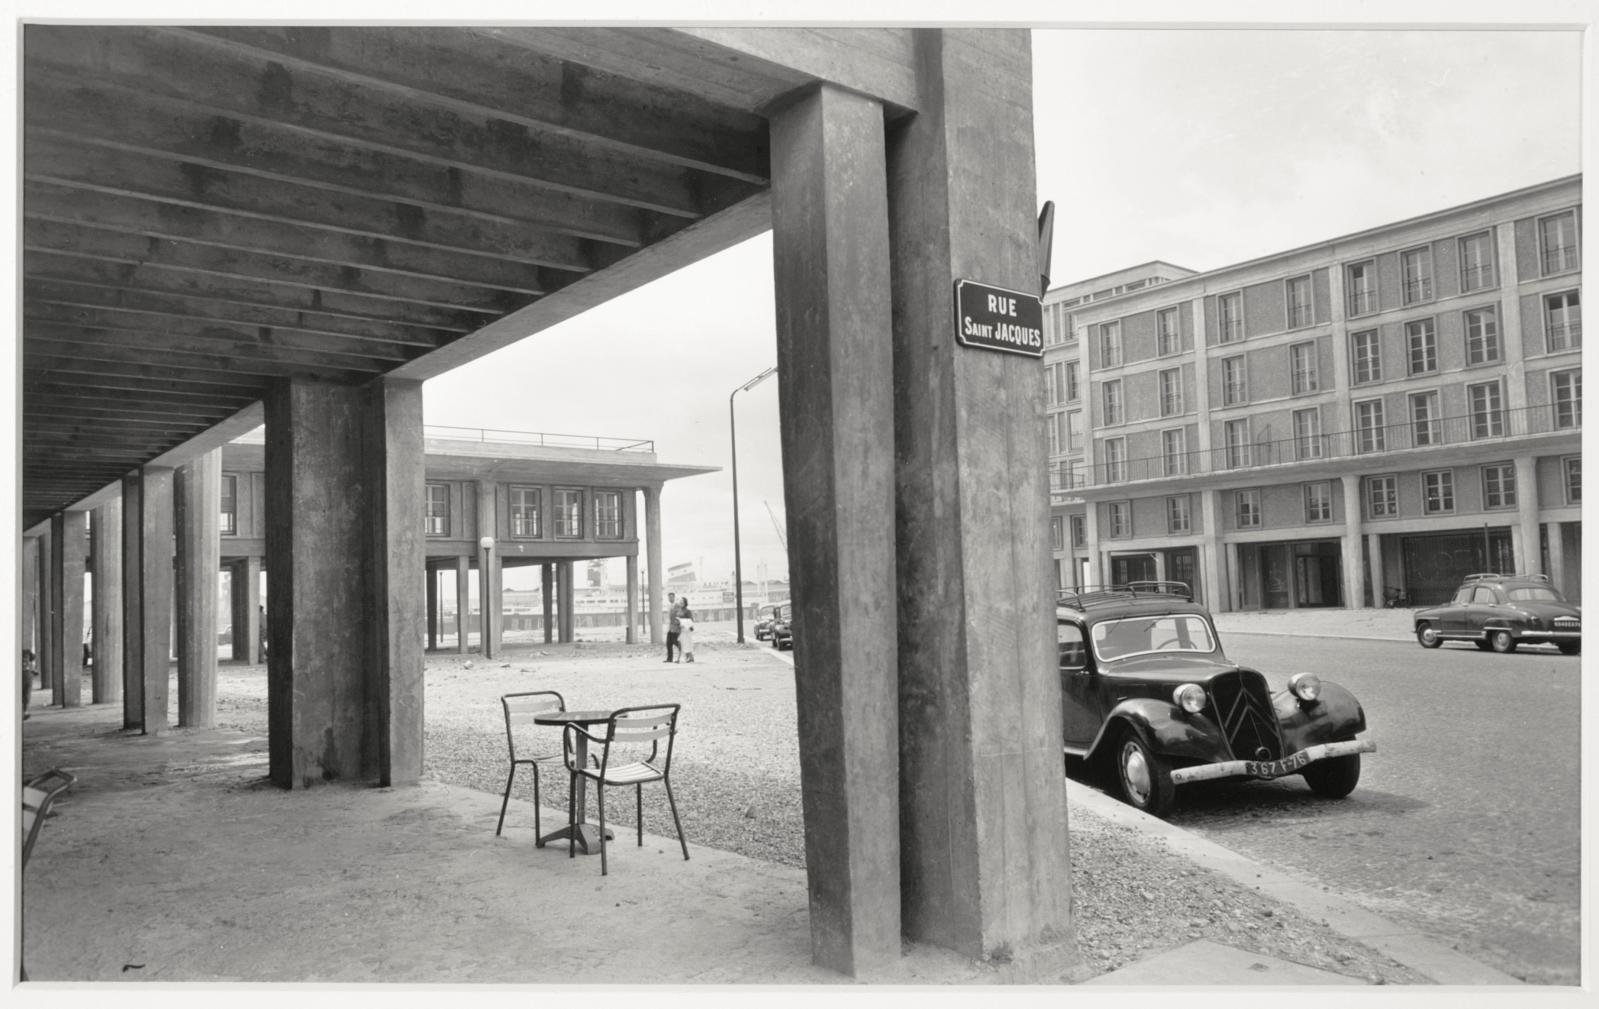 Lucien Hervé, Le Havre, la rue Saint-Jacques, à l'angle de la rue de Paris, 1956-1957, photographie argentique, 32x48,6cm, LeHavre, musée d'art mo